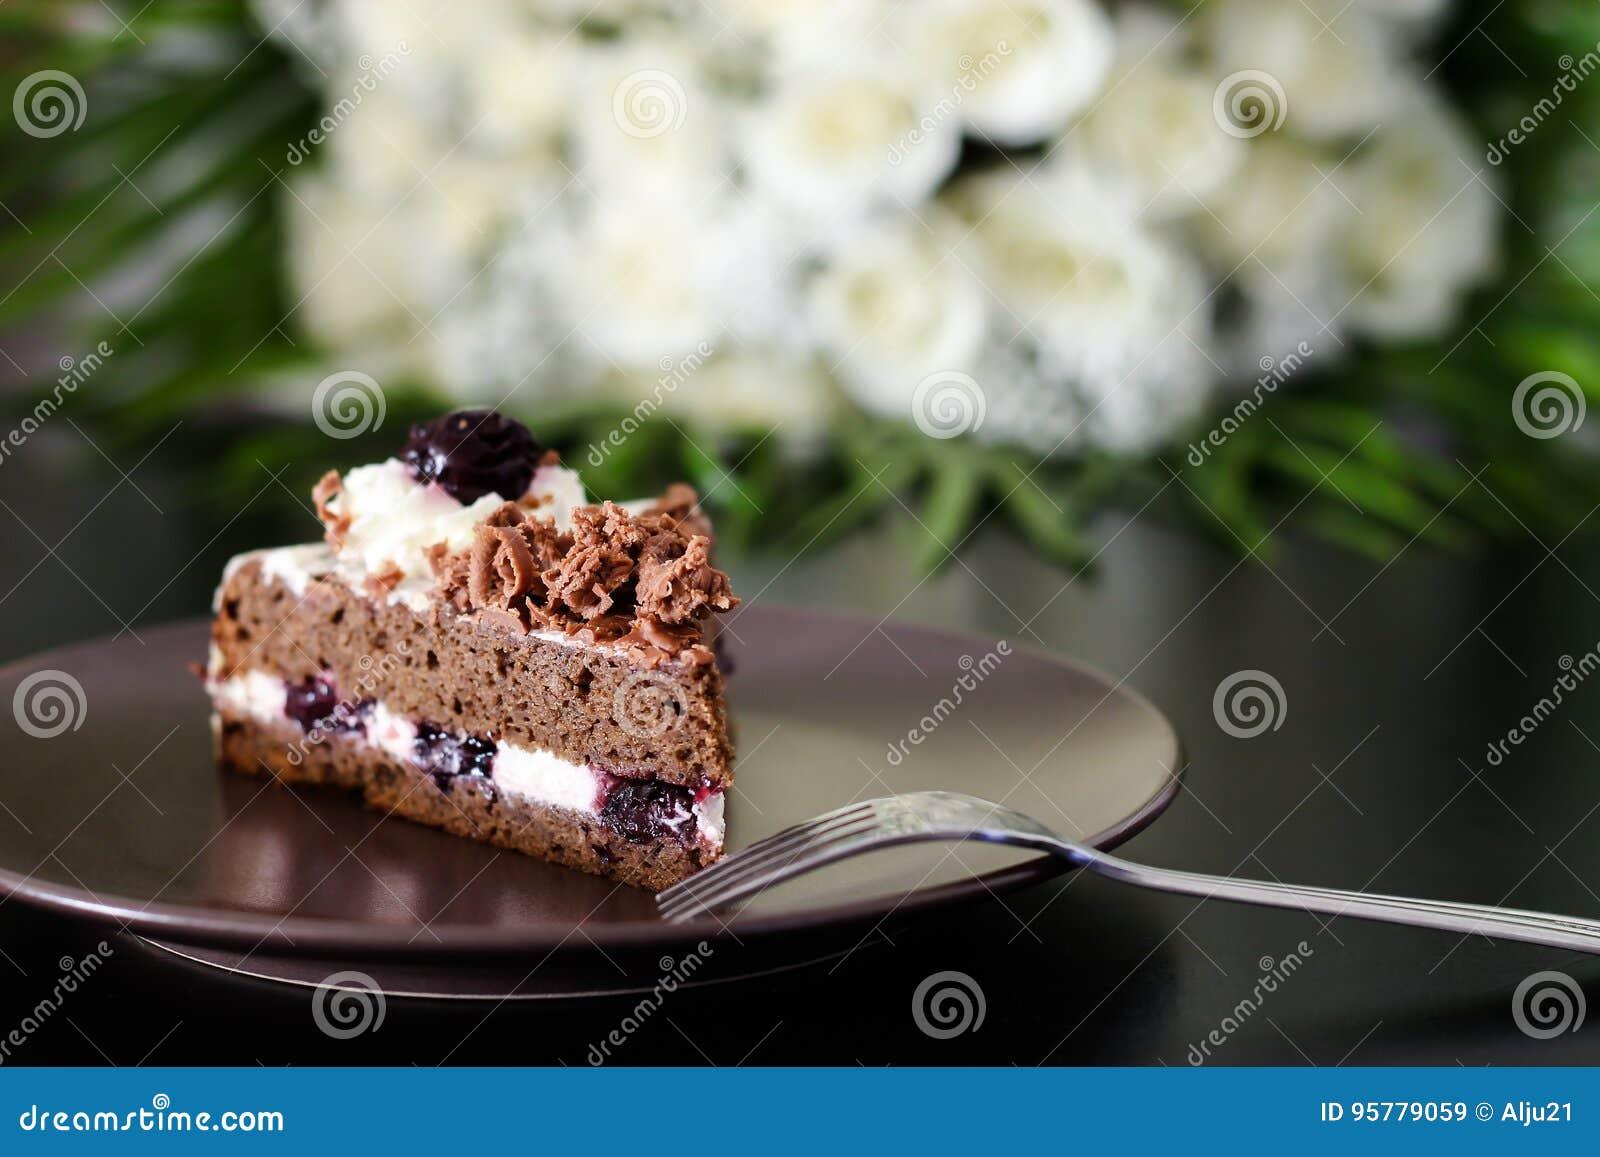 Bolo De Chocolate Da Floresta Negra Com Cereja E Ramalhete